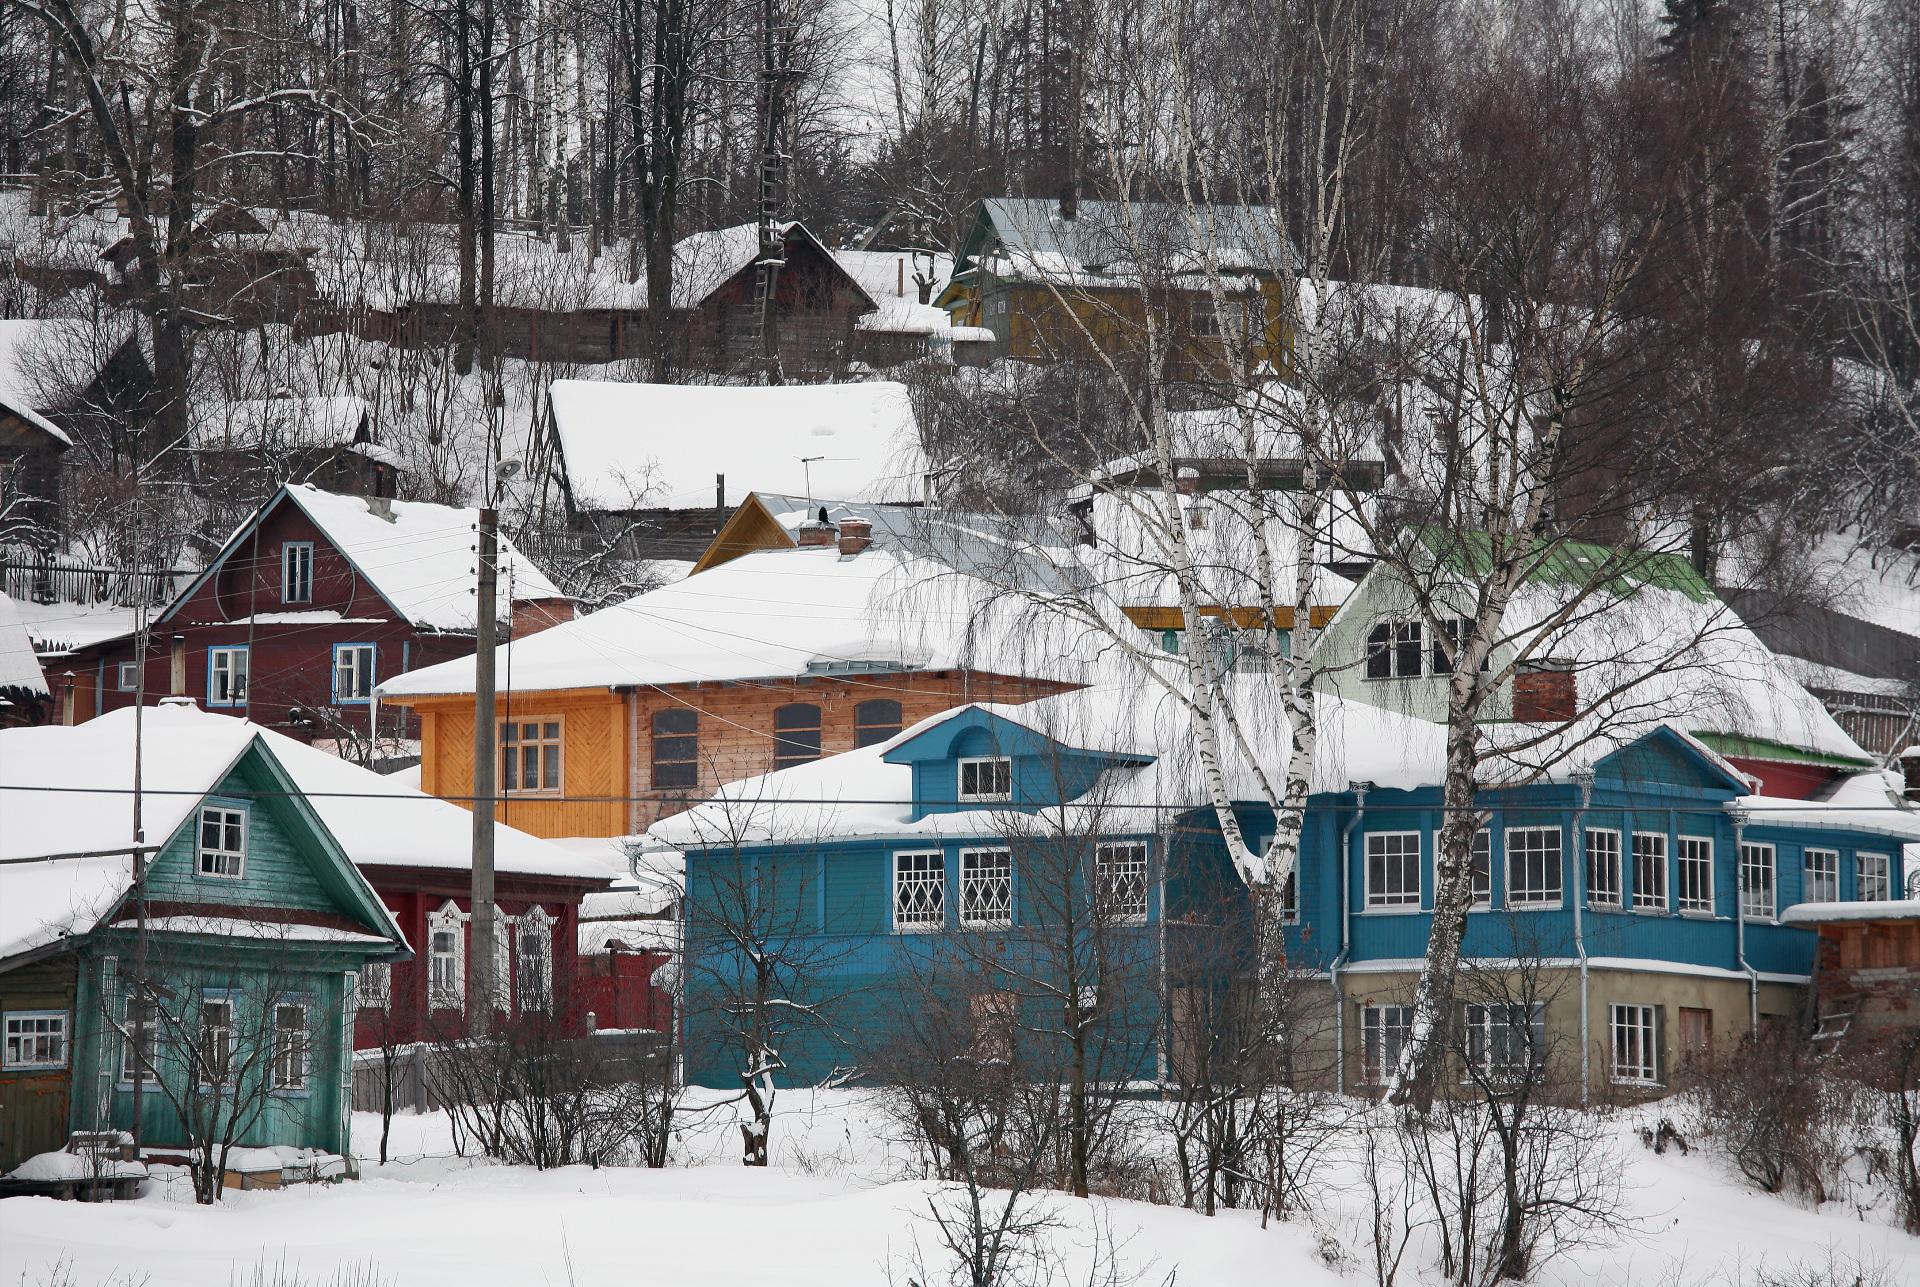 В 2020 году недвижимость на загородном рынке чаще рассматривалась именно с точки зрения круглогодичного, а не сезонного проживания